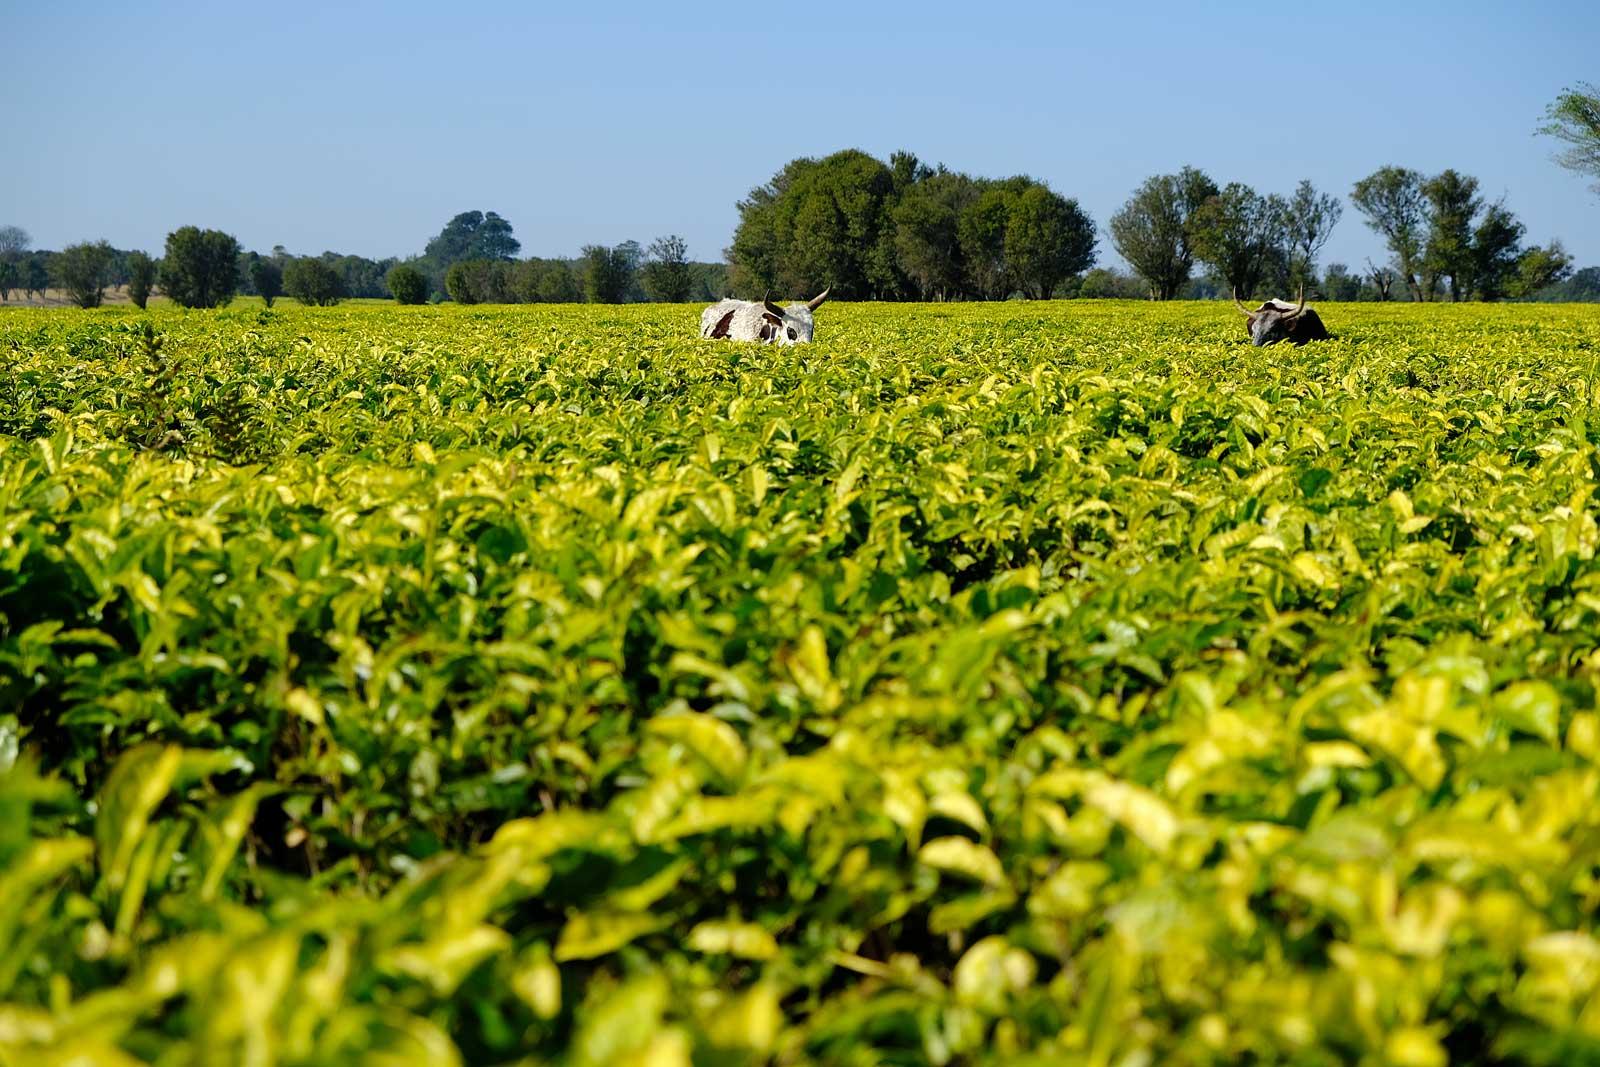 Kühe fressen sich in der Teeplantage satt